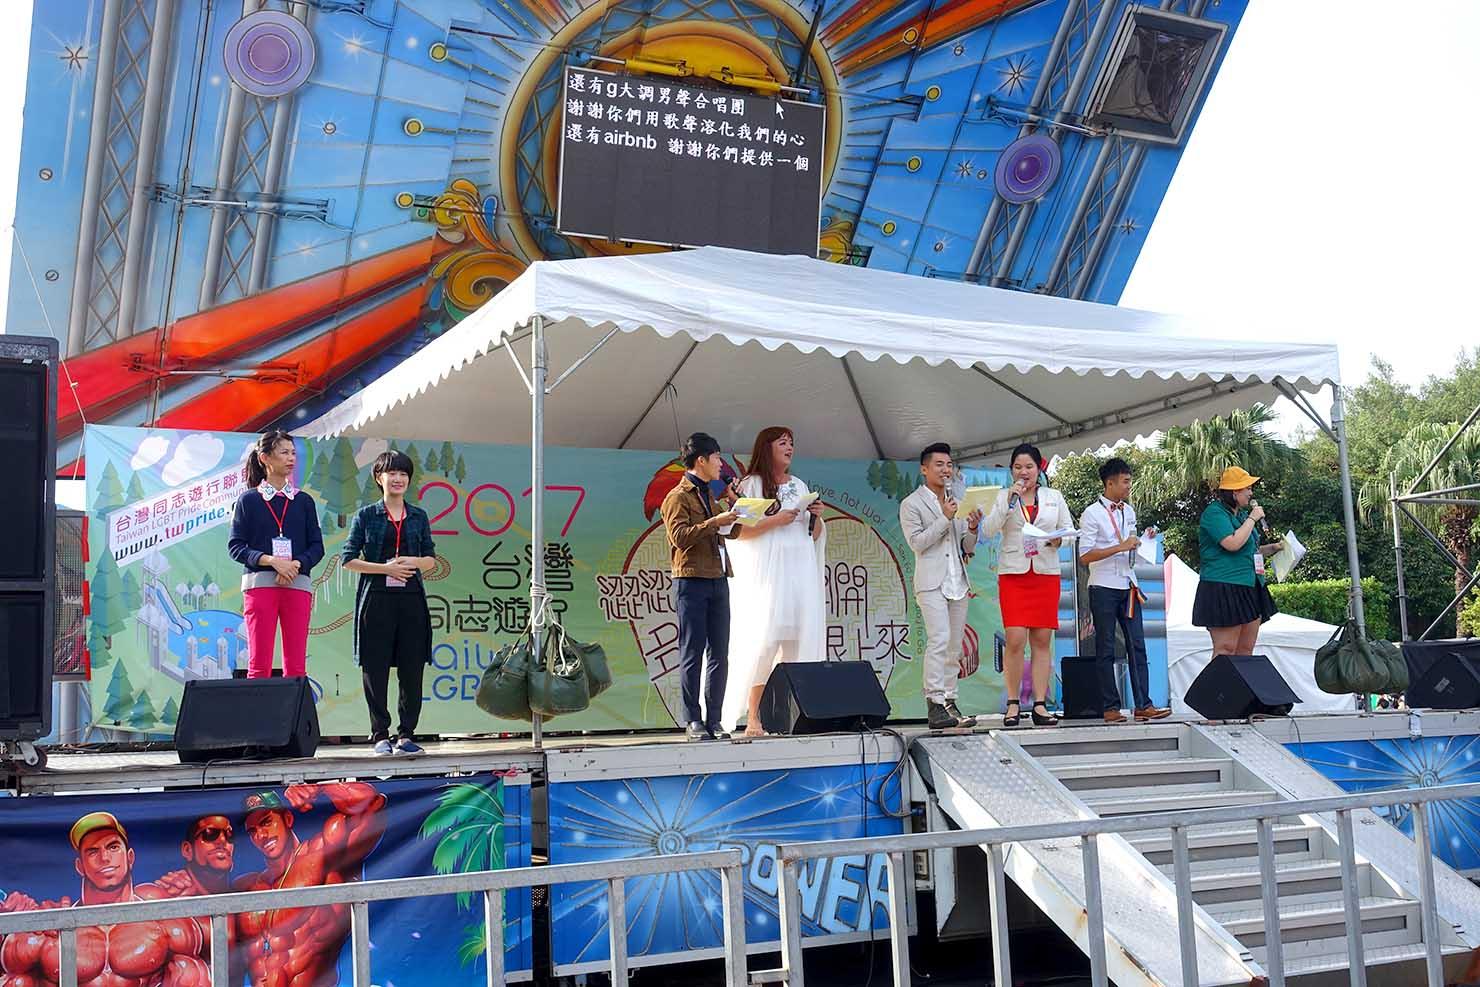 台湾LGBTプライド(台灣同志遊行)2017の特設ステージ